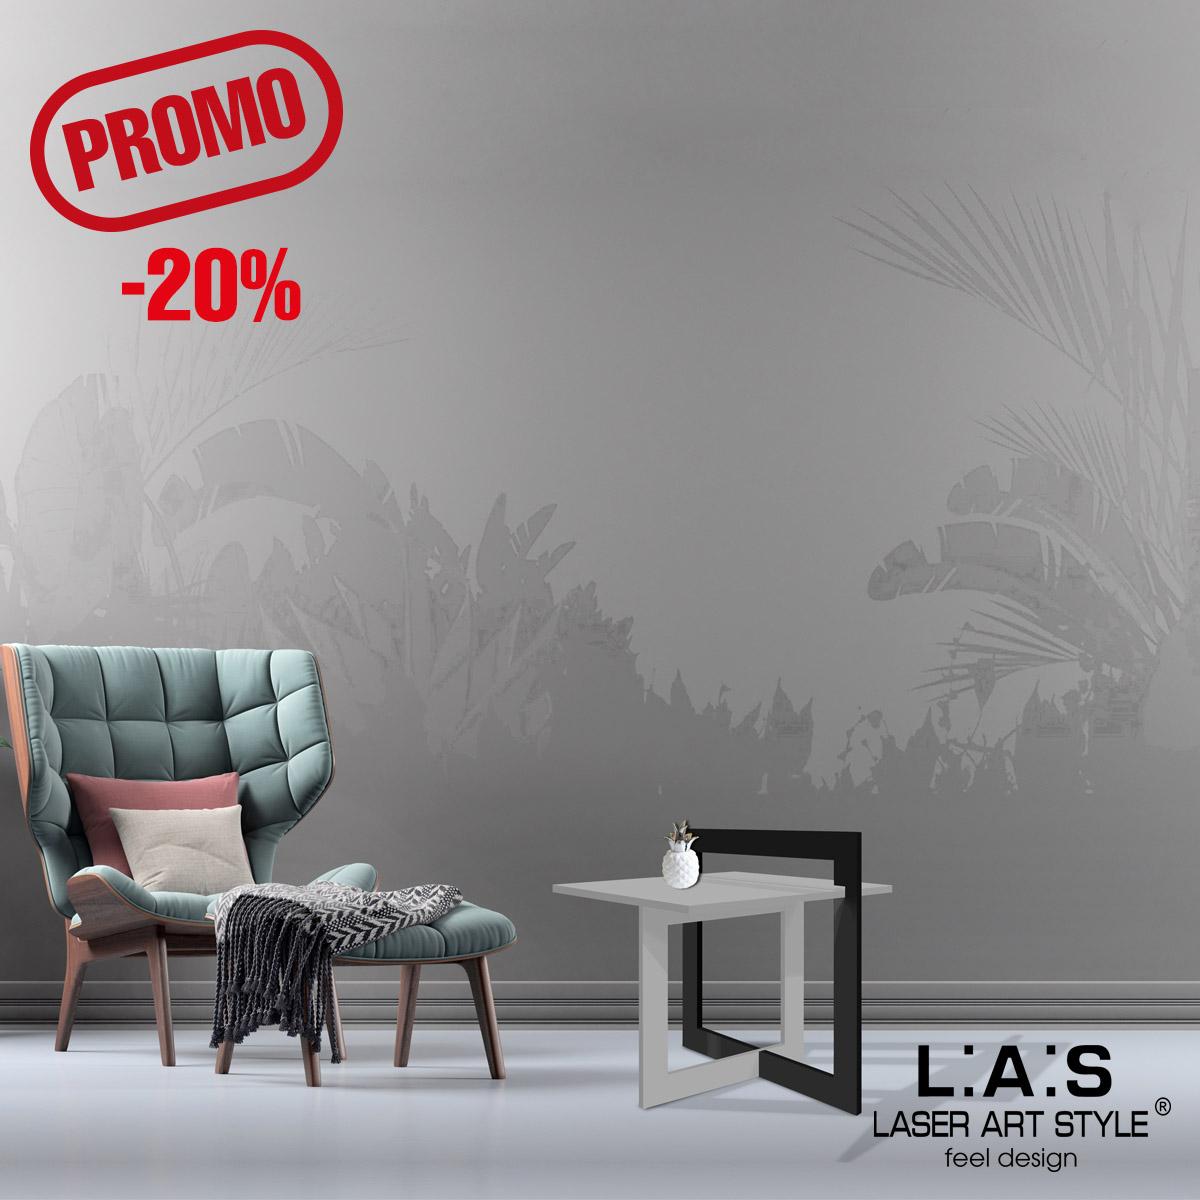 L:A:S - Laser Art Style - TAVOLINO DA CAFFE' DESIGN MINIMAL SI-506 CEMENTO-NERO